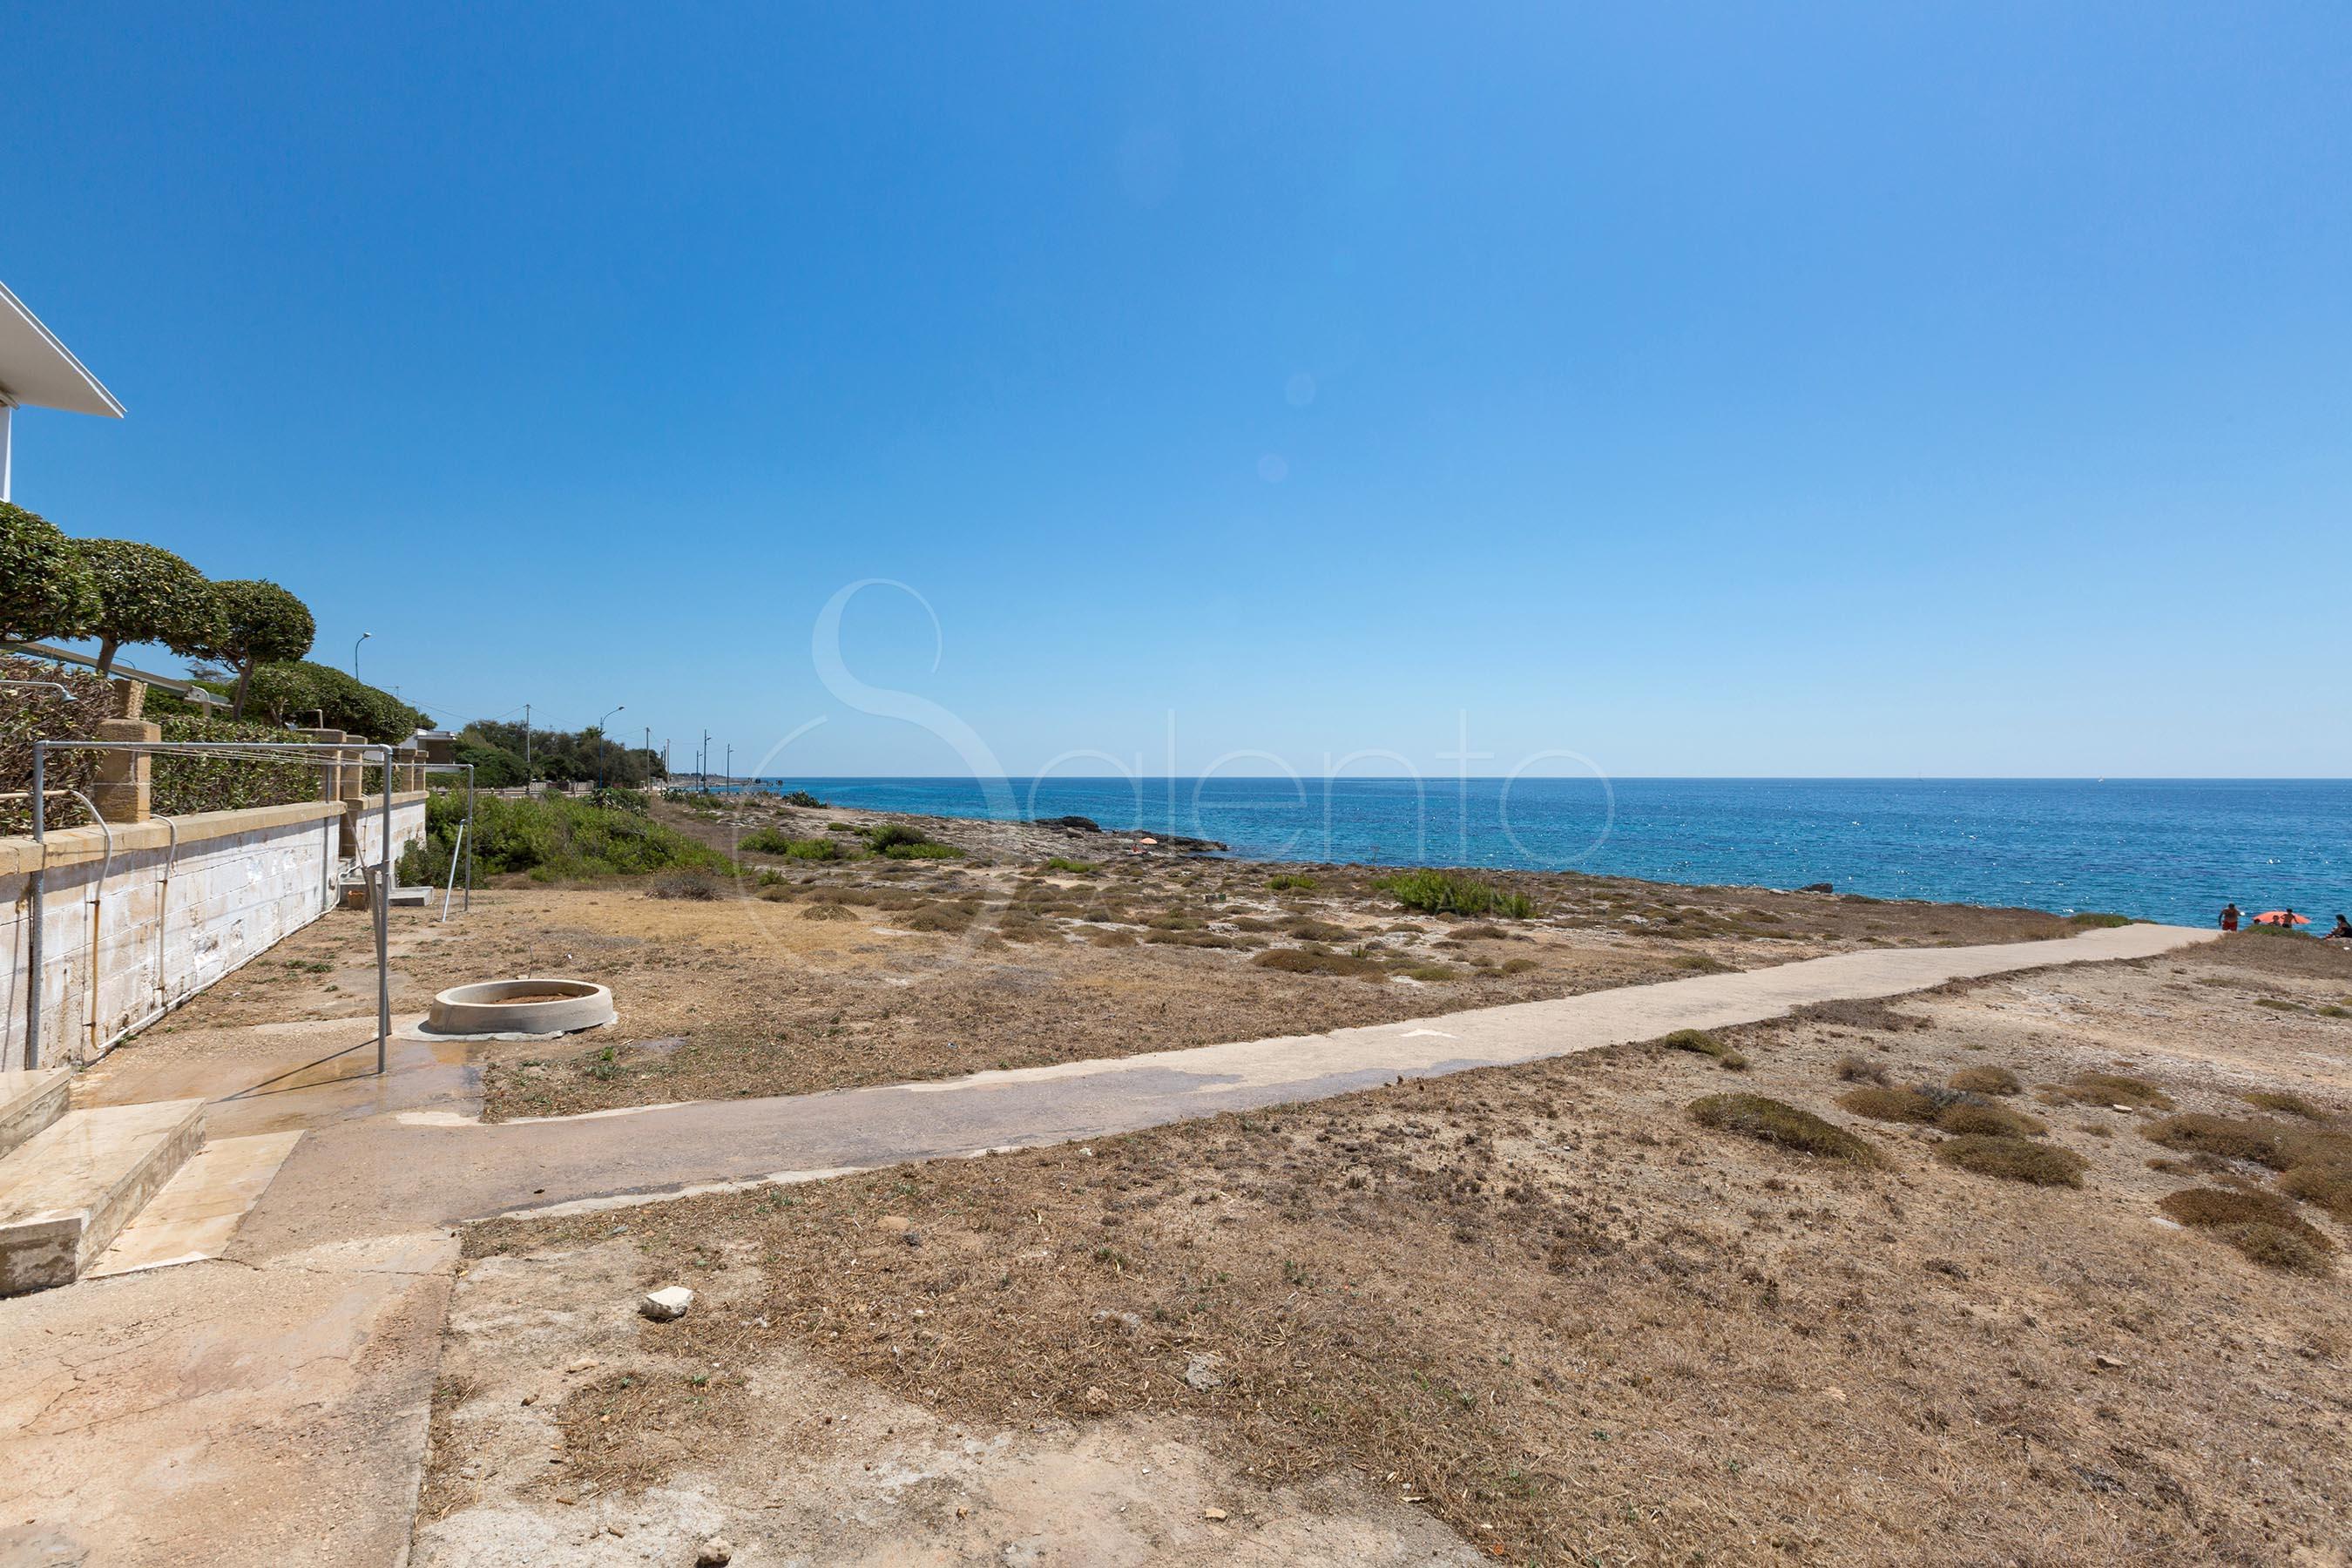 Appartamento vacanze direttamente sul mare in affitto a - Finestra sul mare gallipoli ...